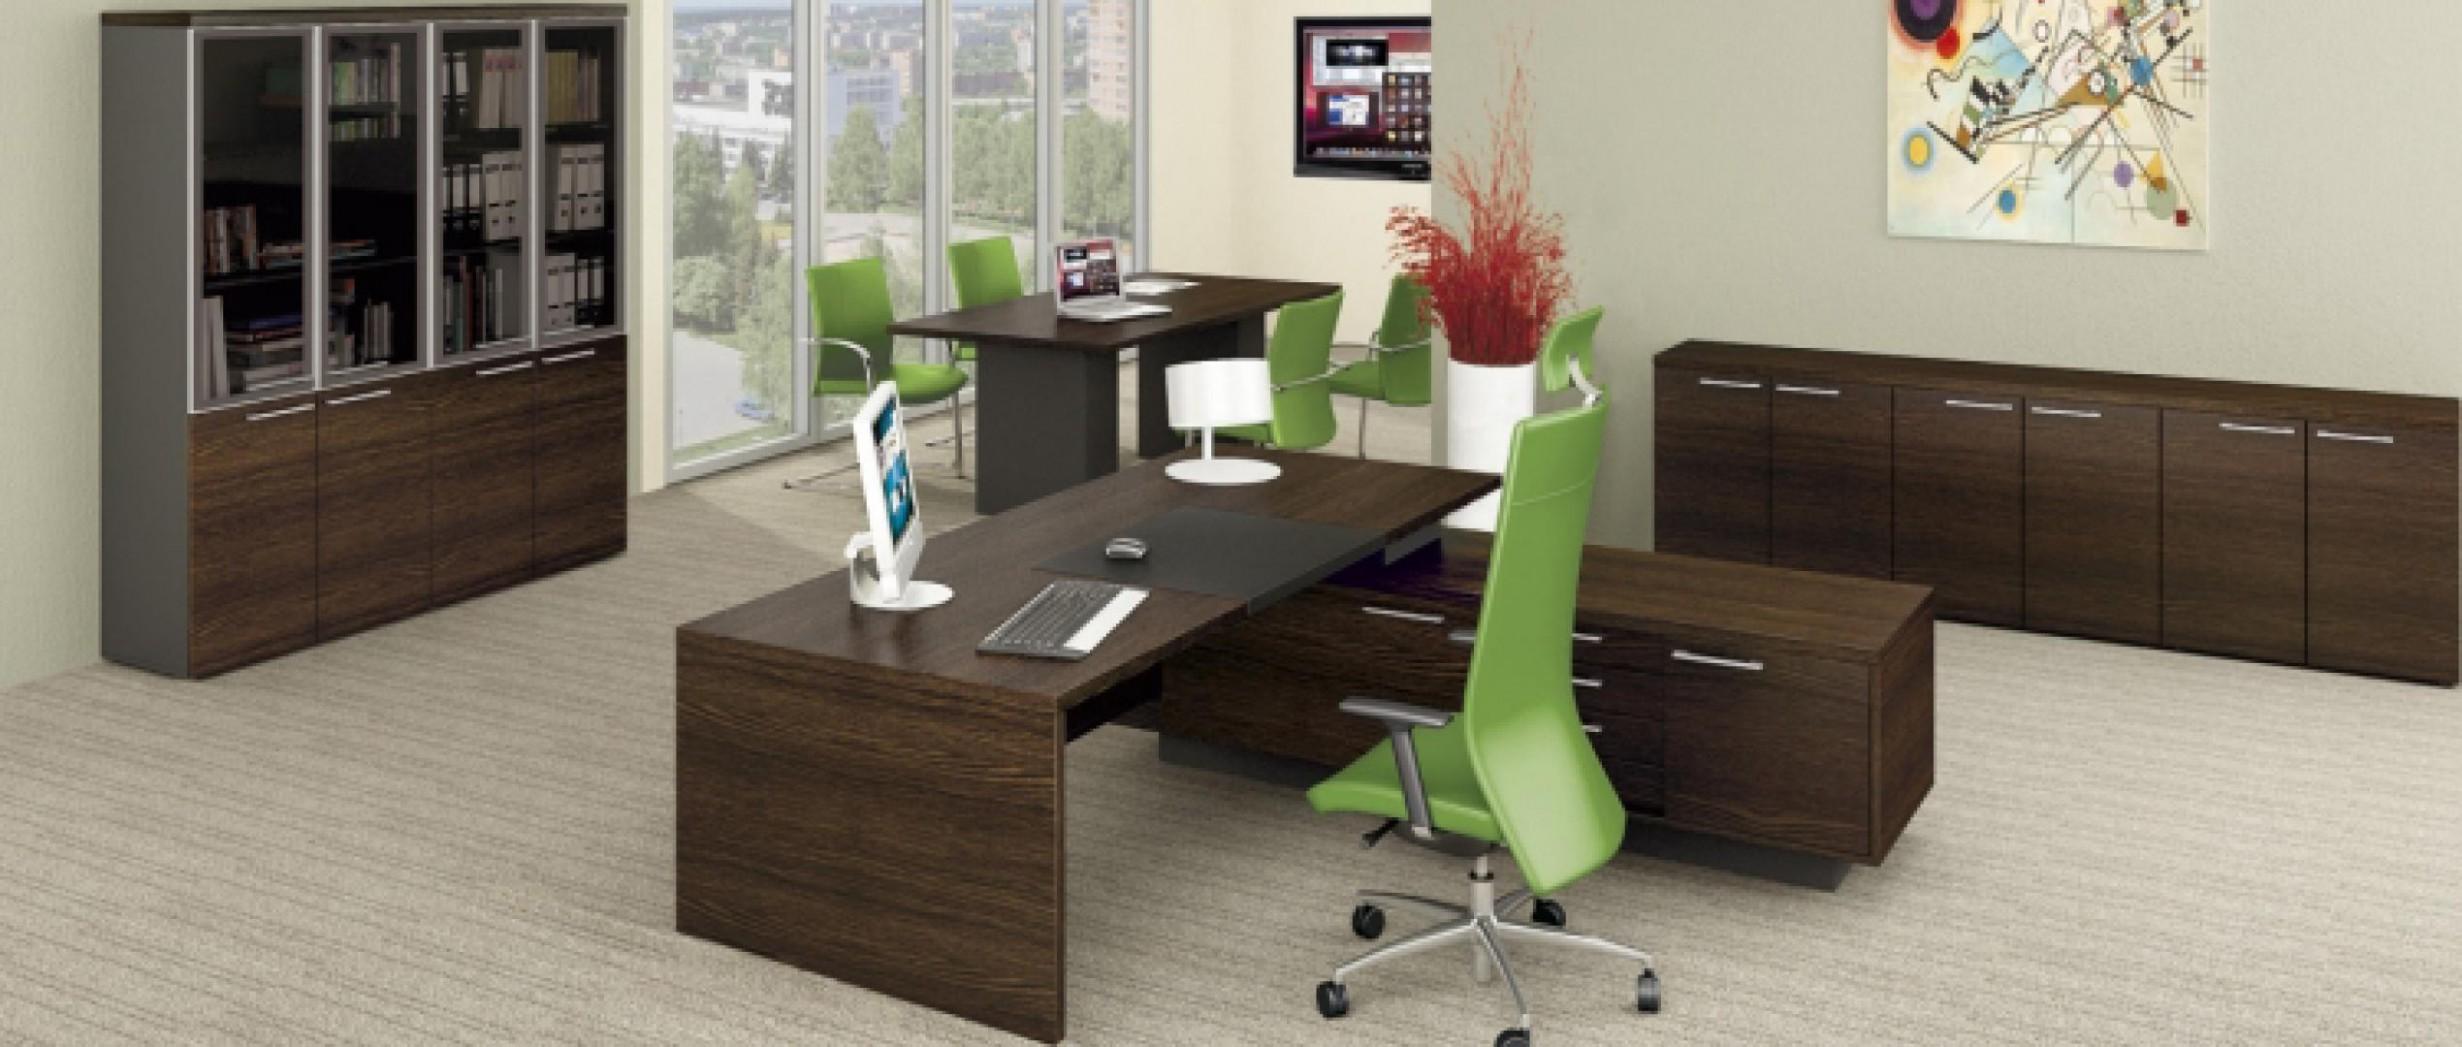 Manažerský nábytek | VASA spol. s.r.o.